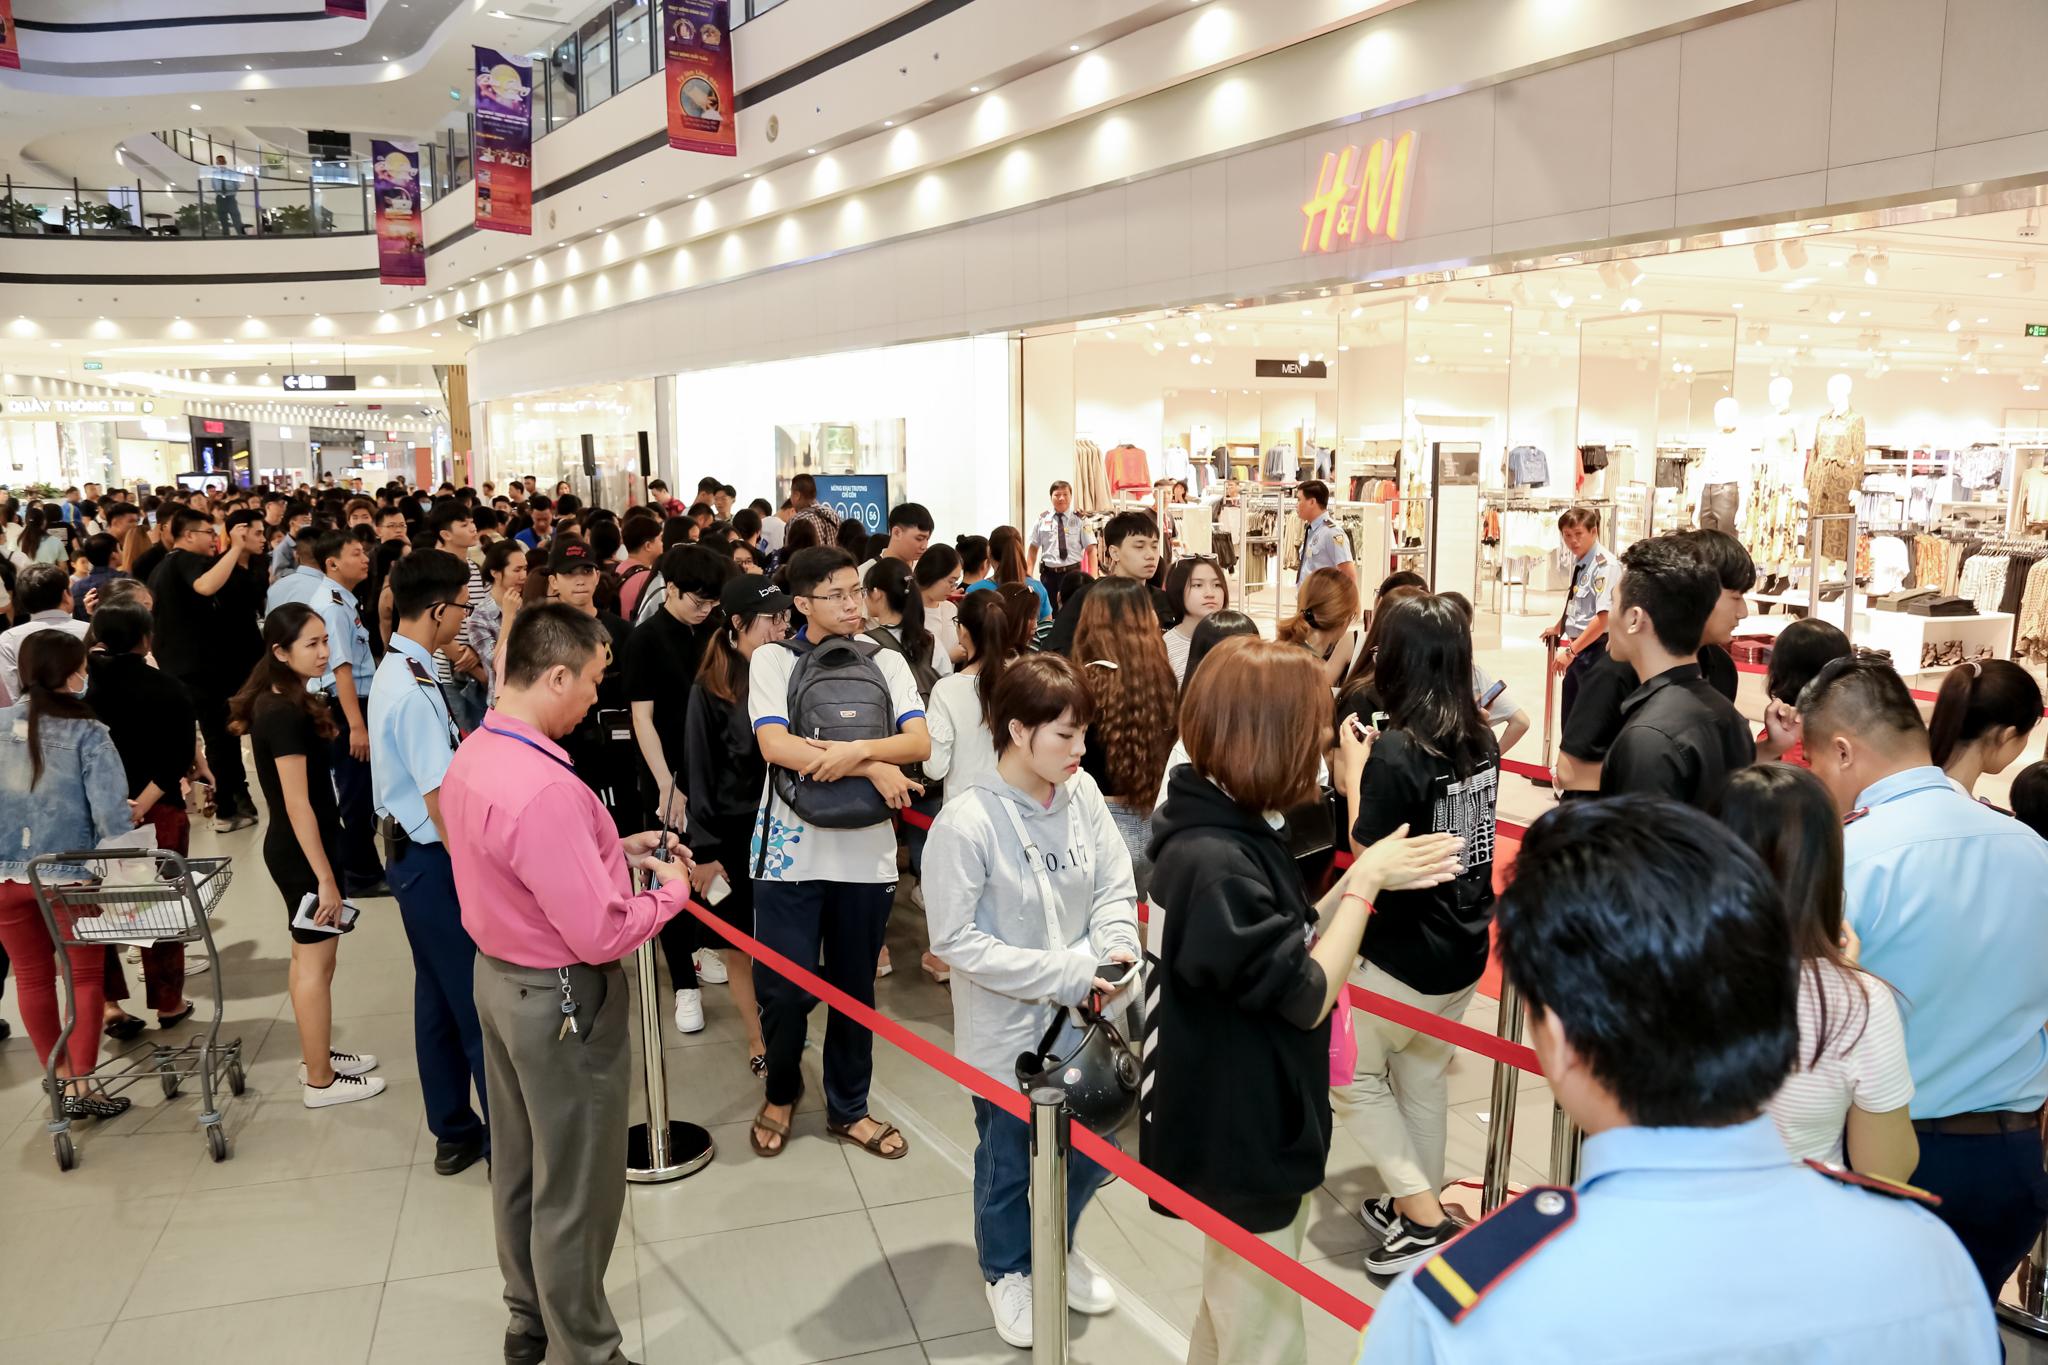 Thương hiệu H&M khai trương tại Việt Nam